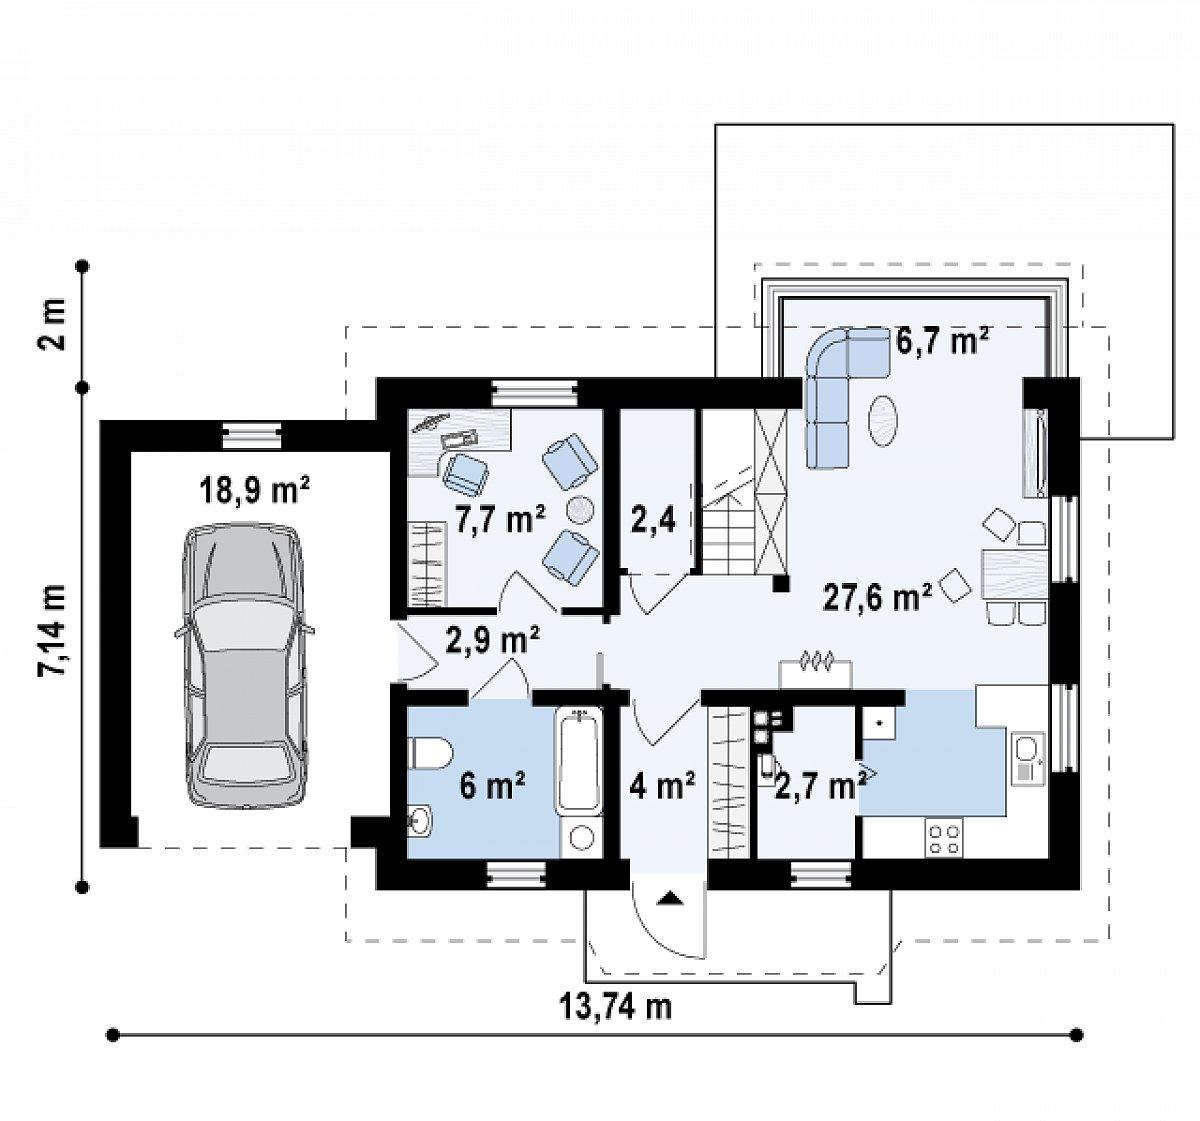 Дом с мансардой 78 рисунок чертеж 7